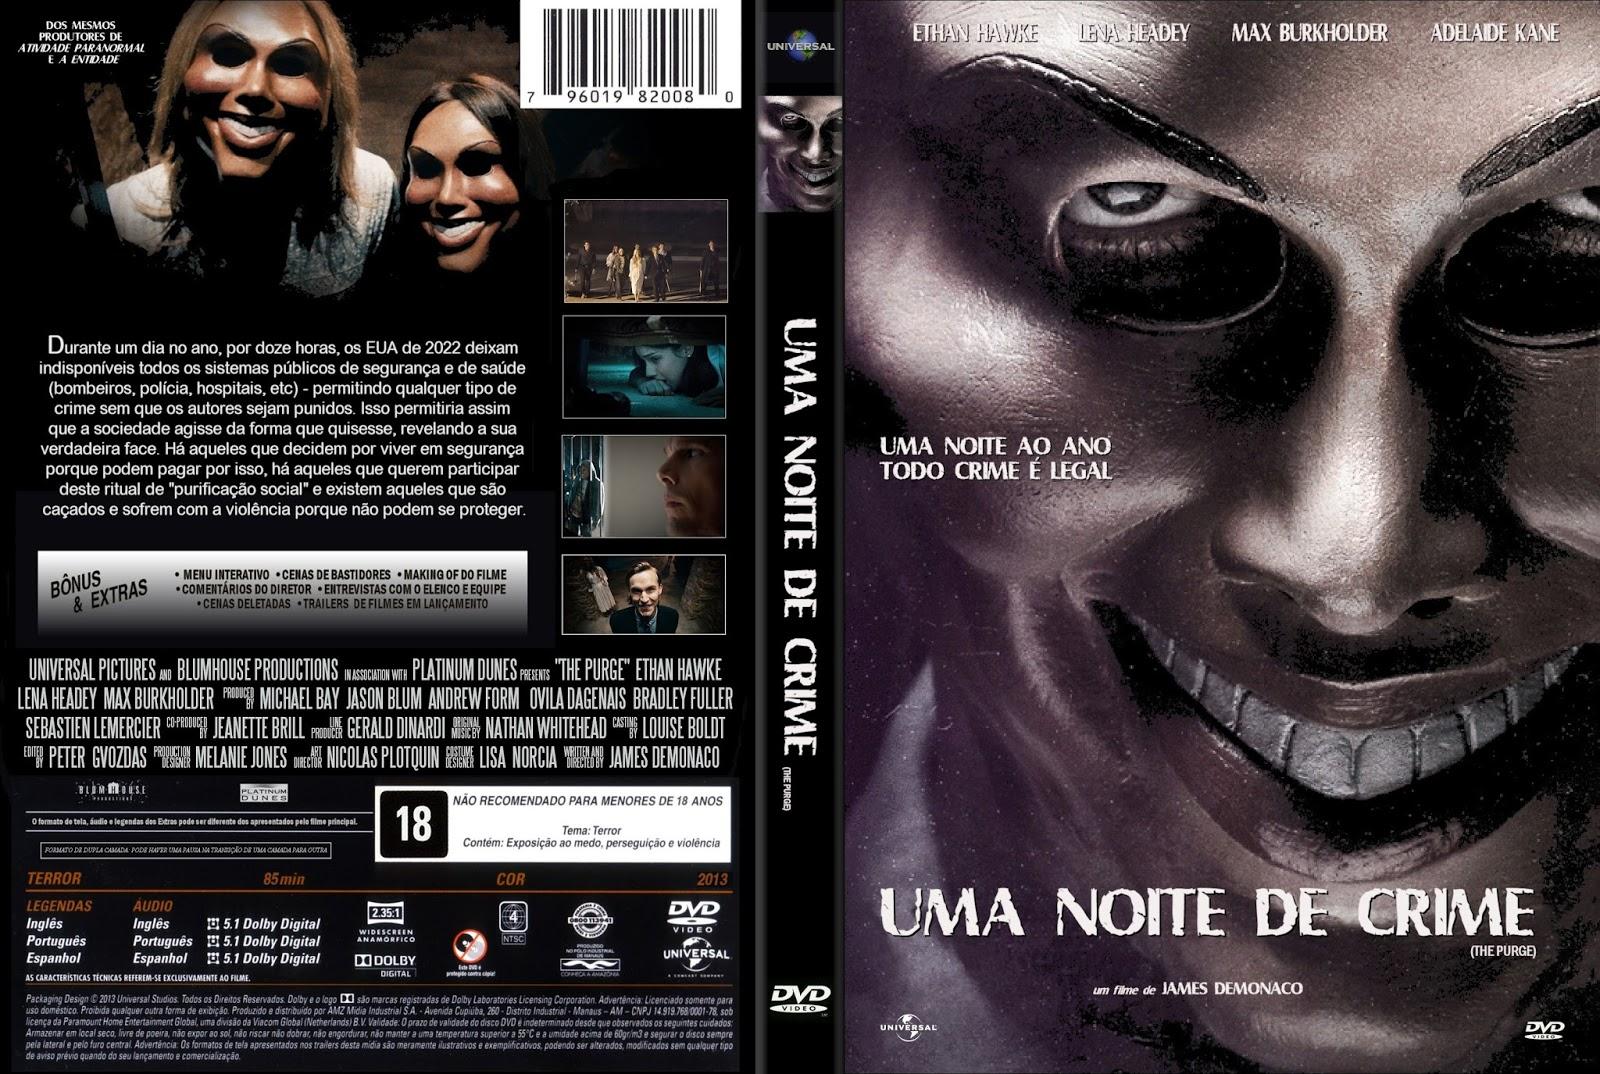 DUBLADO DA FILME BAIXAR NOITE PASSAGEIROS